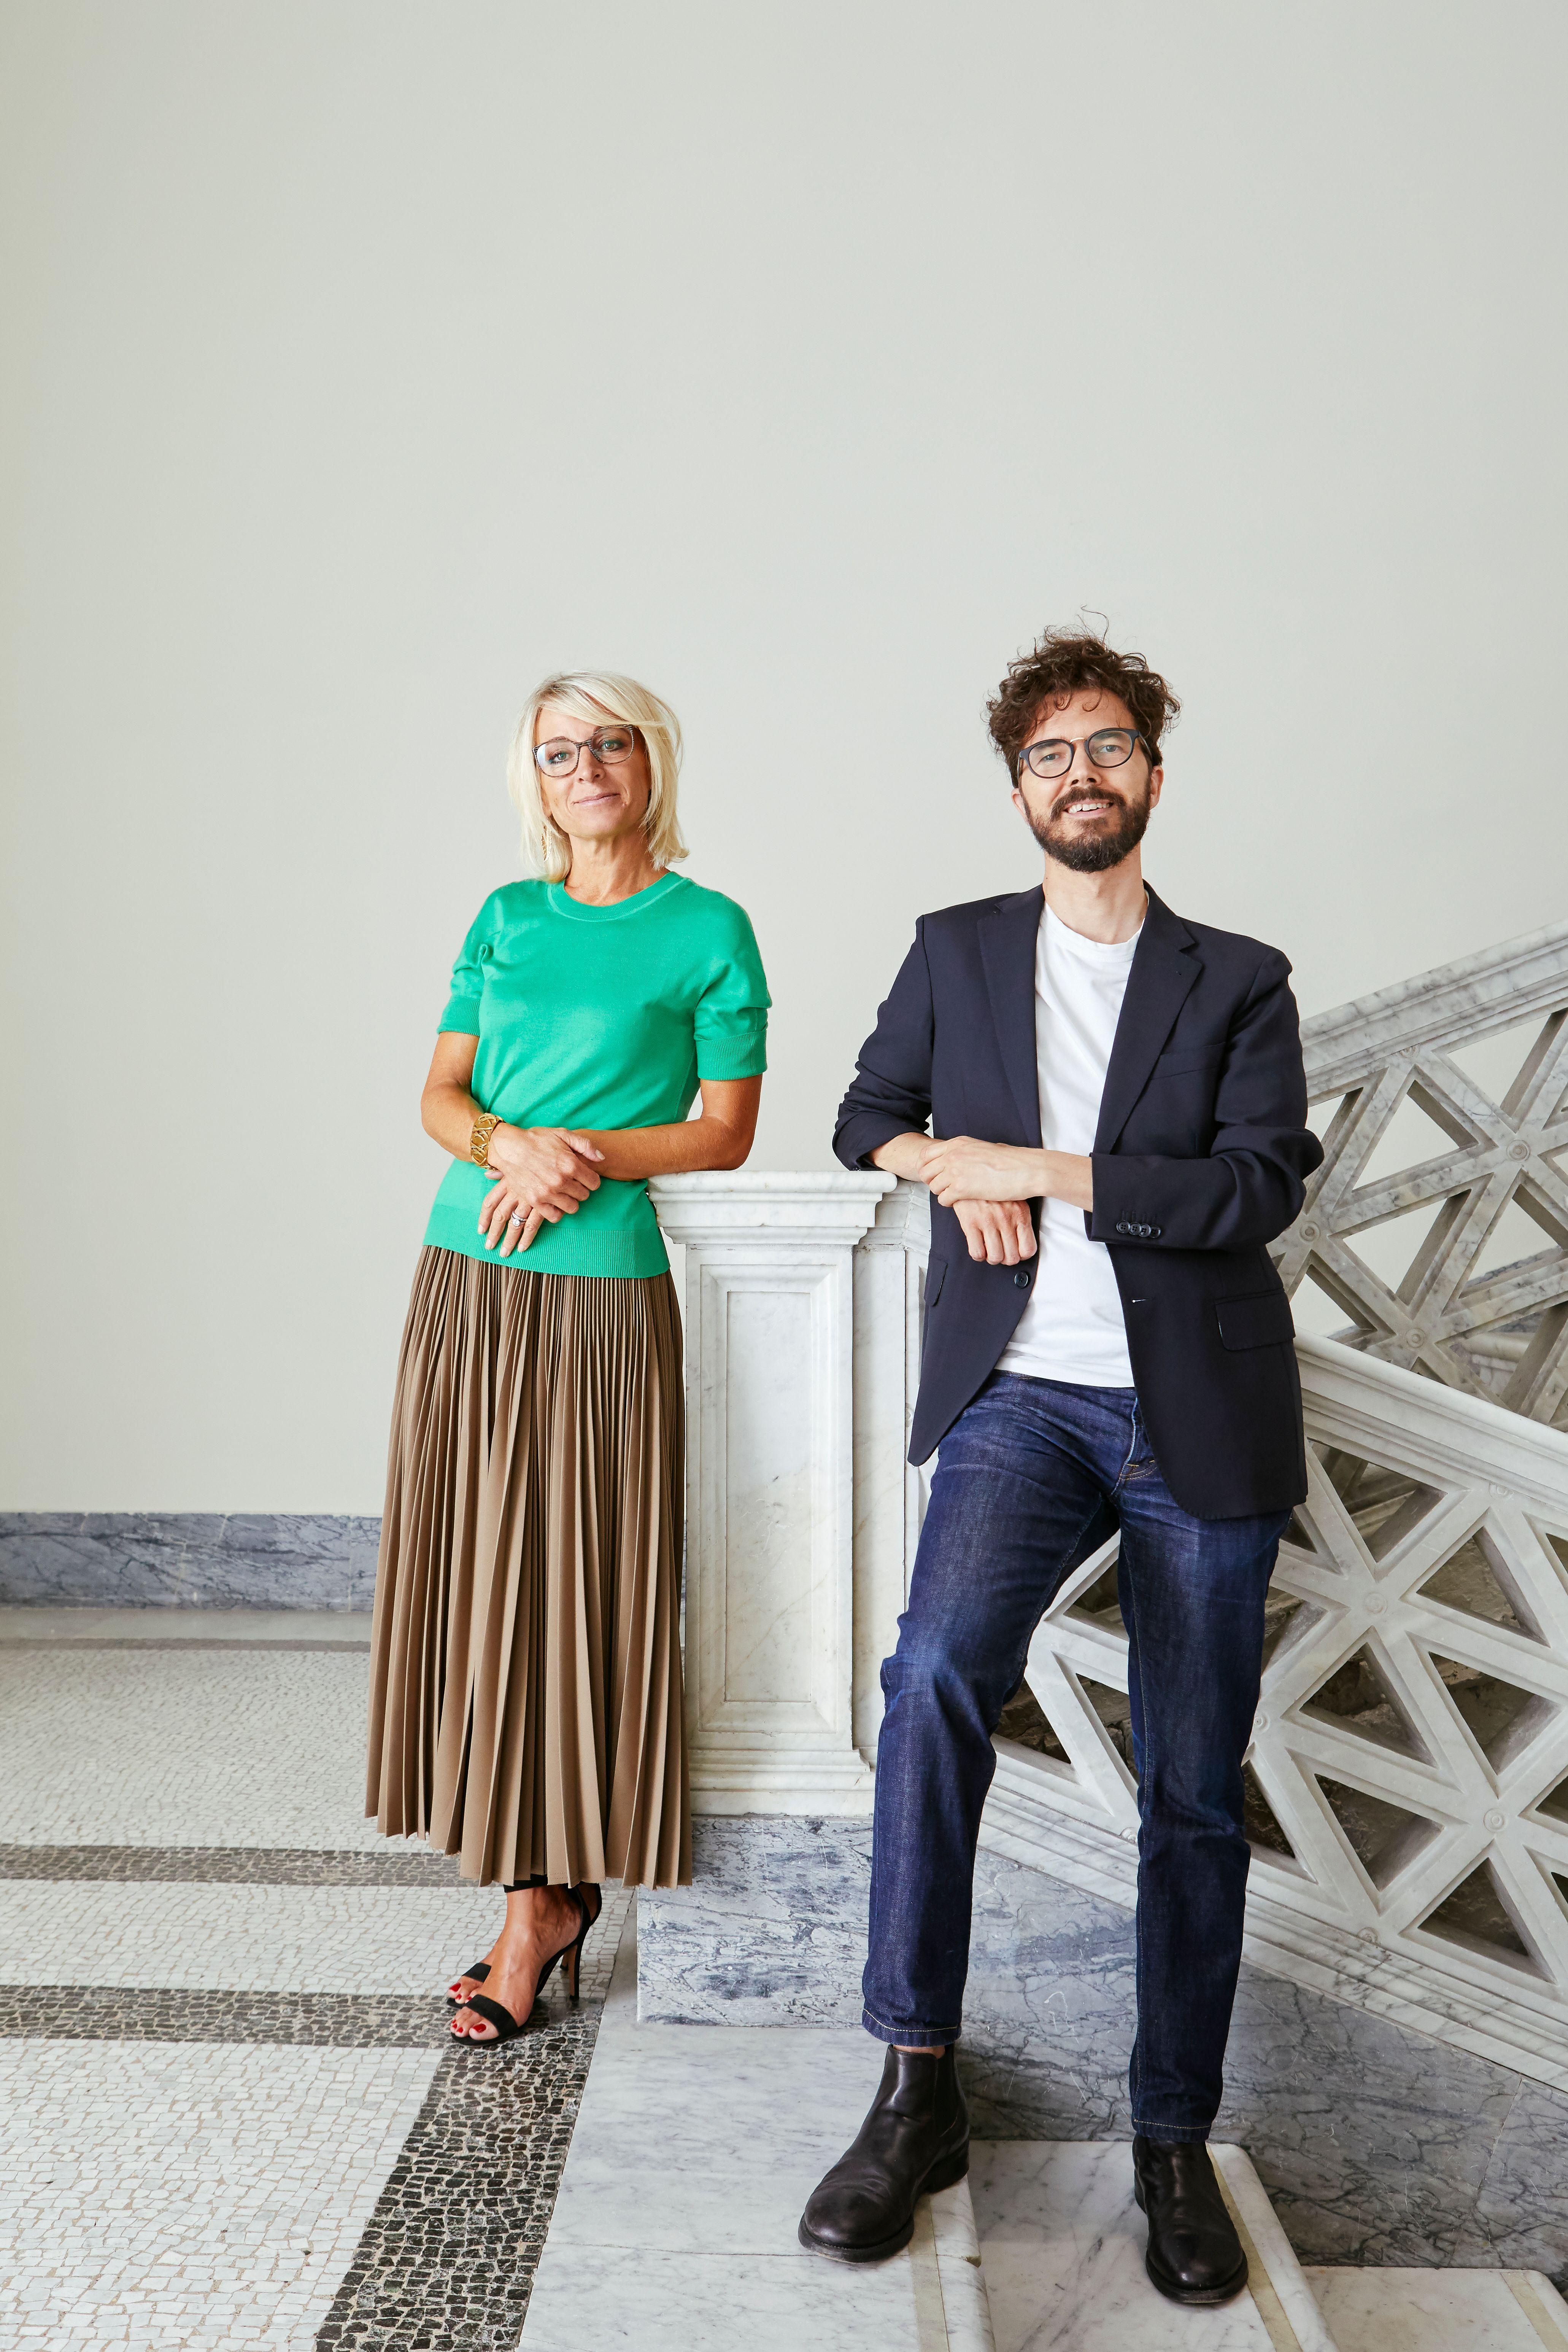 sarah Cosulich e Stefano Collicelli    foto di Alessandro cantarinijpeg